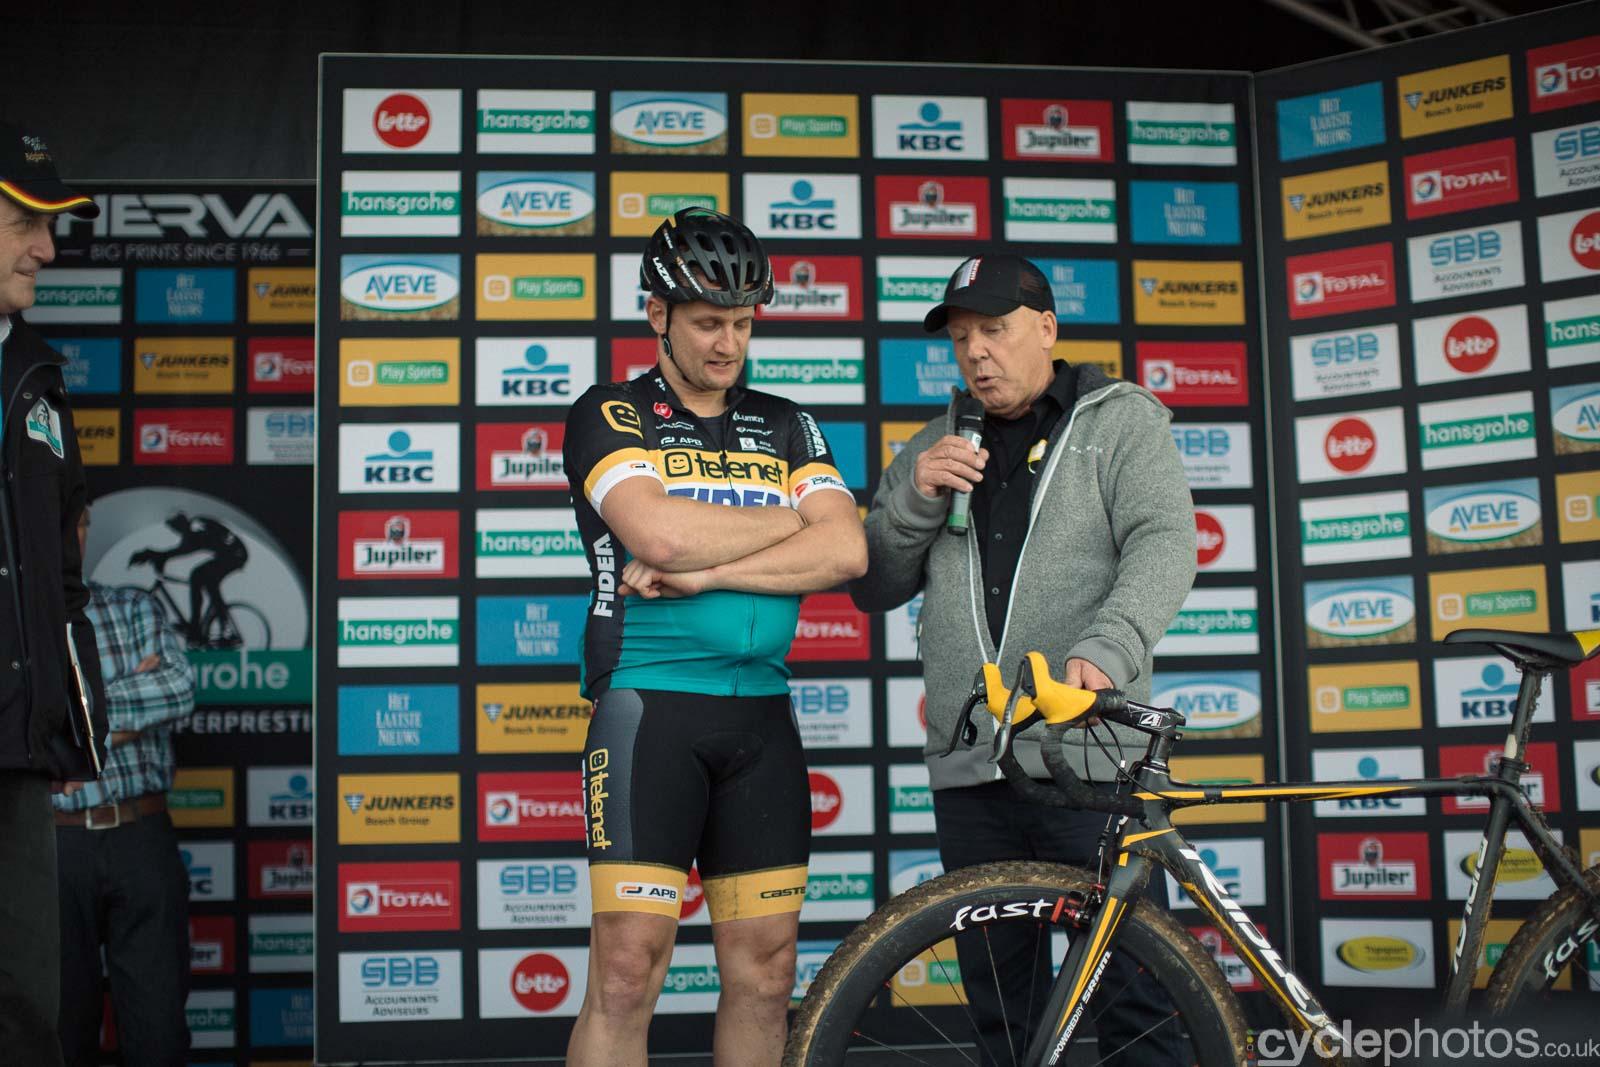 2015-cyclephotos-cyclocross-ruddervoorde-134909-bart-wellens-hans-van-kaasteren